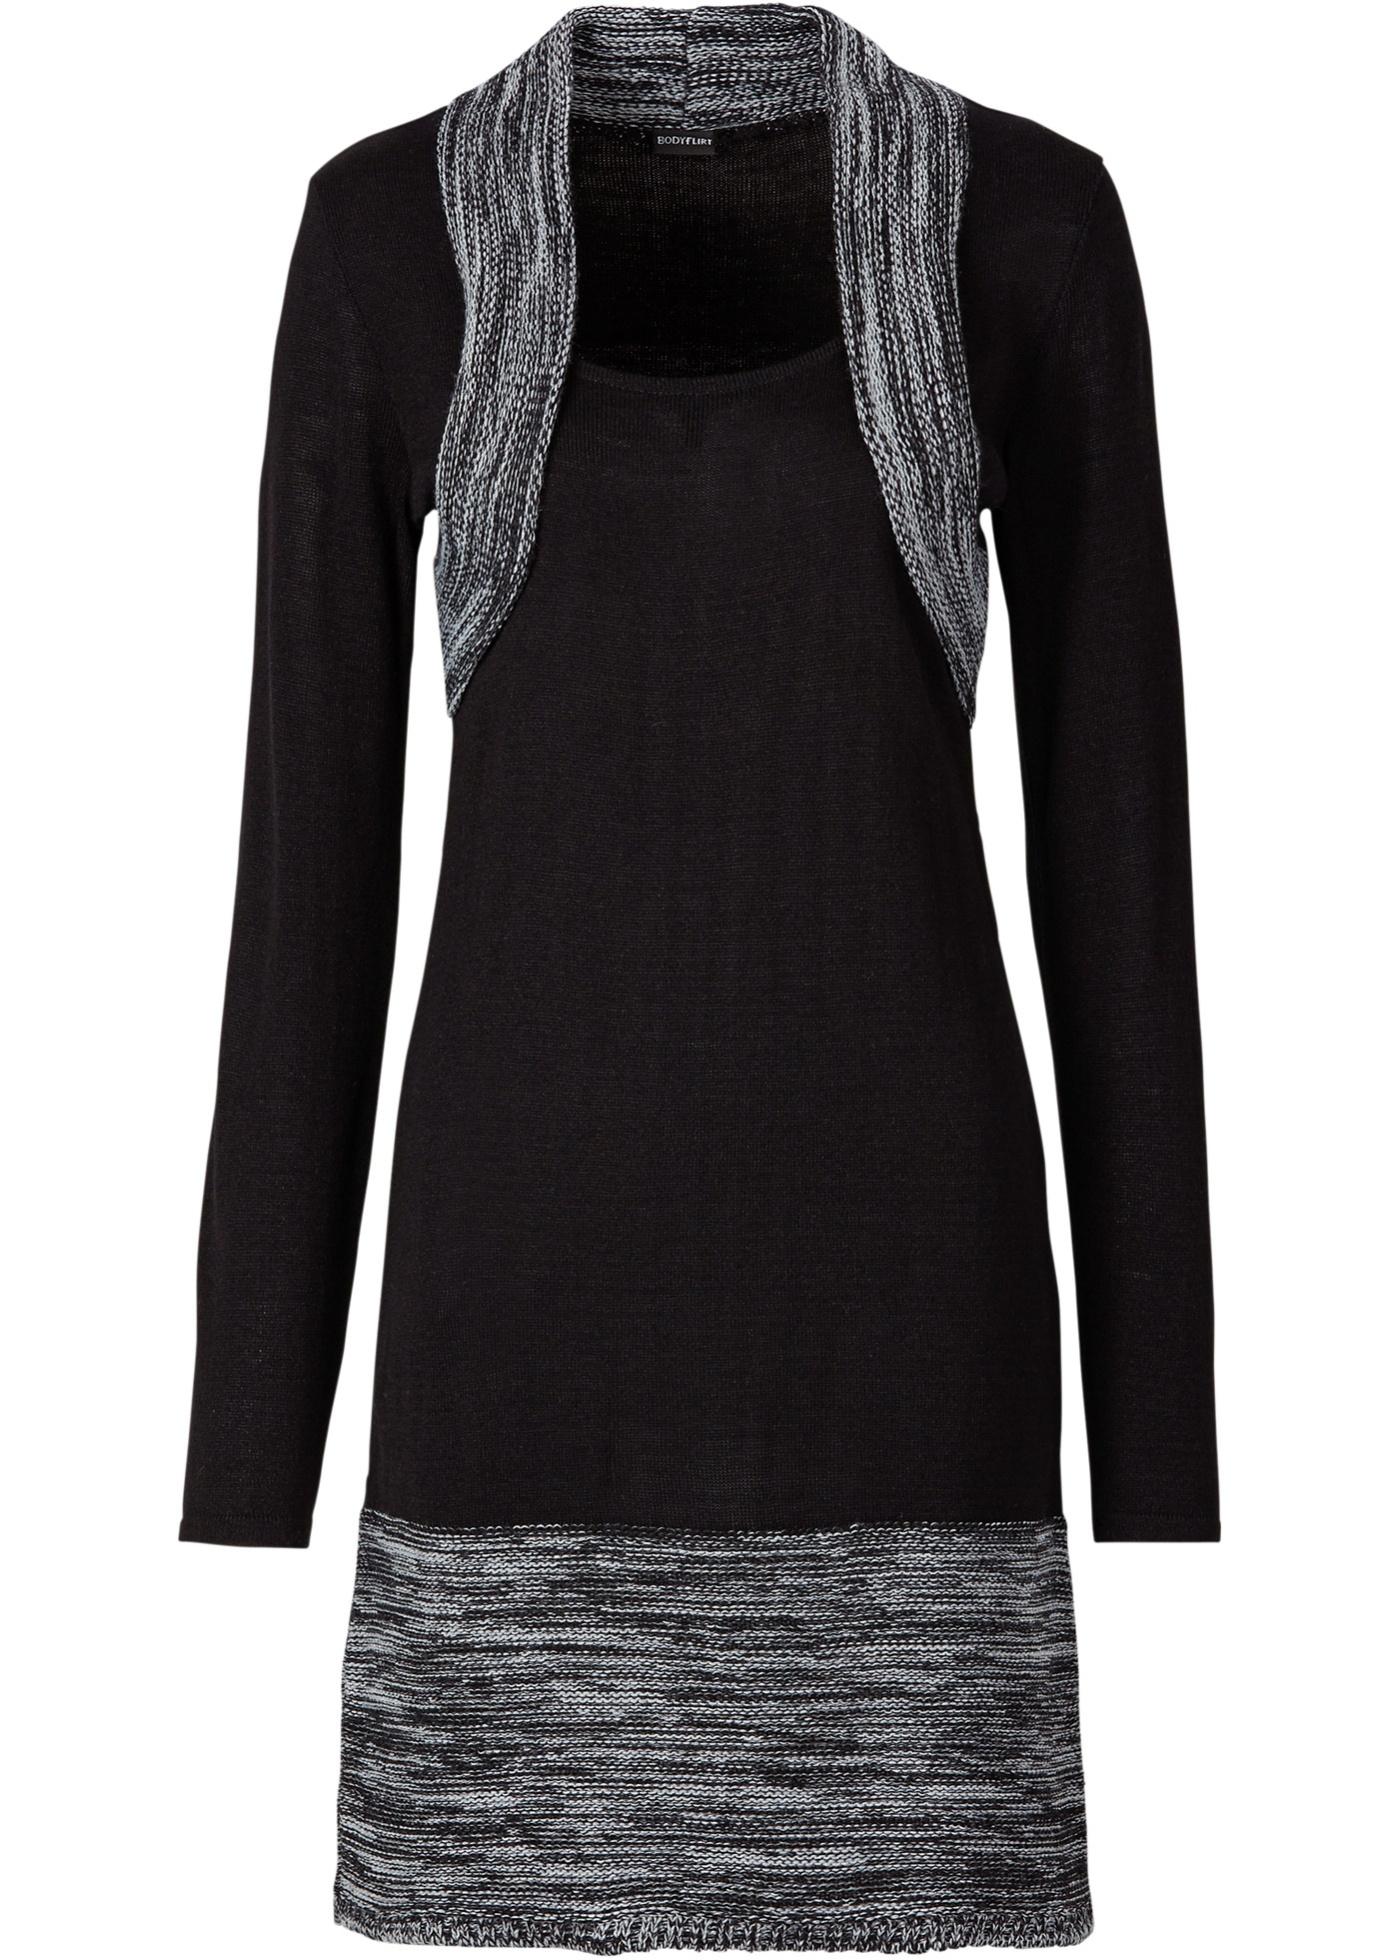 Strickkleid langarm  in schwarz von bonprix Damenmode > Damenbekleidung > Kleider > Langarmkleider